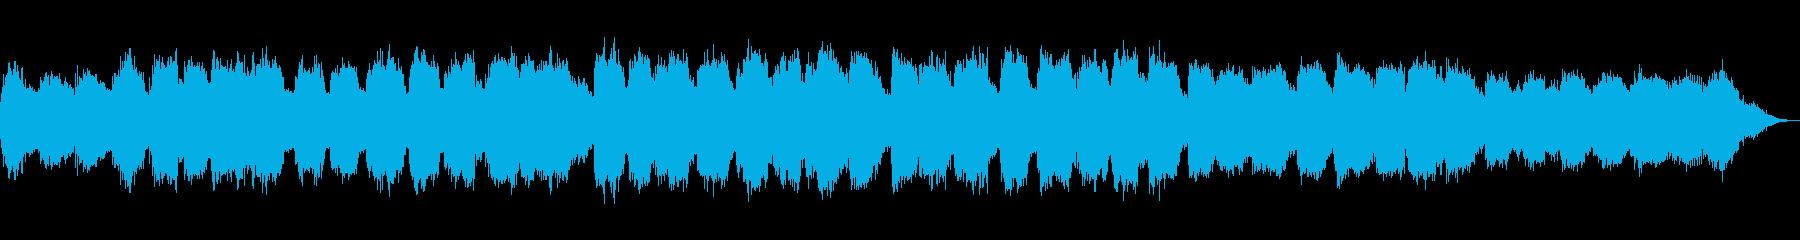 ピアノと低い笛の落ち着いた音楽の再生済みの波形